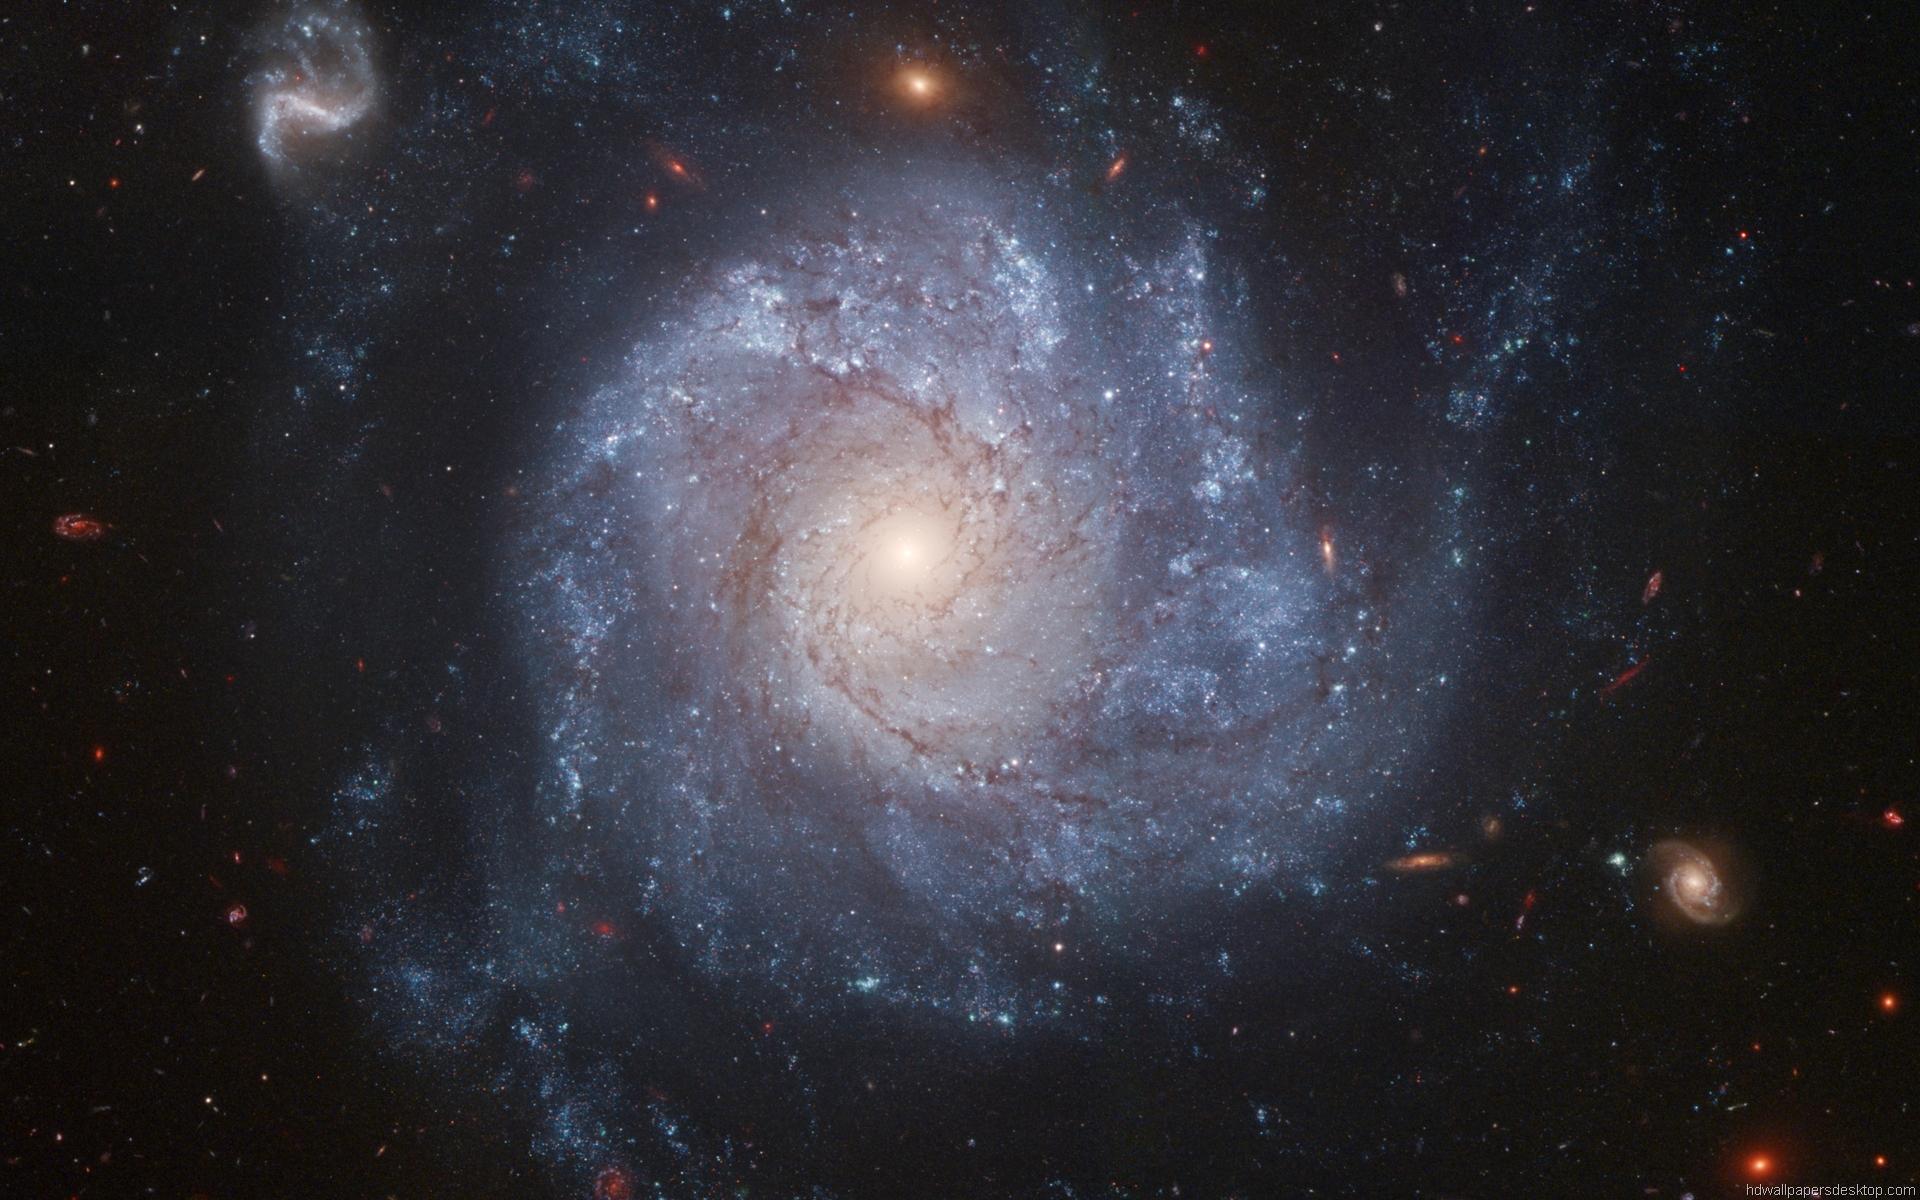 Hubble Images Wallpaper - WallpaperSafari